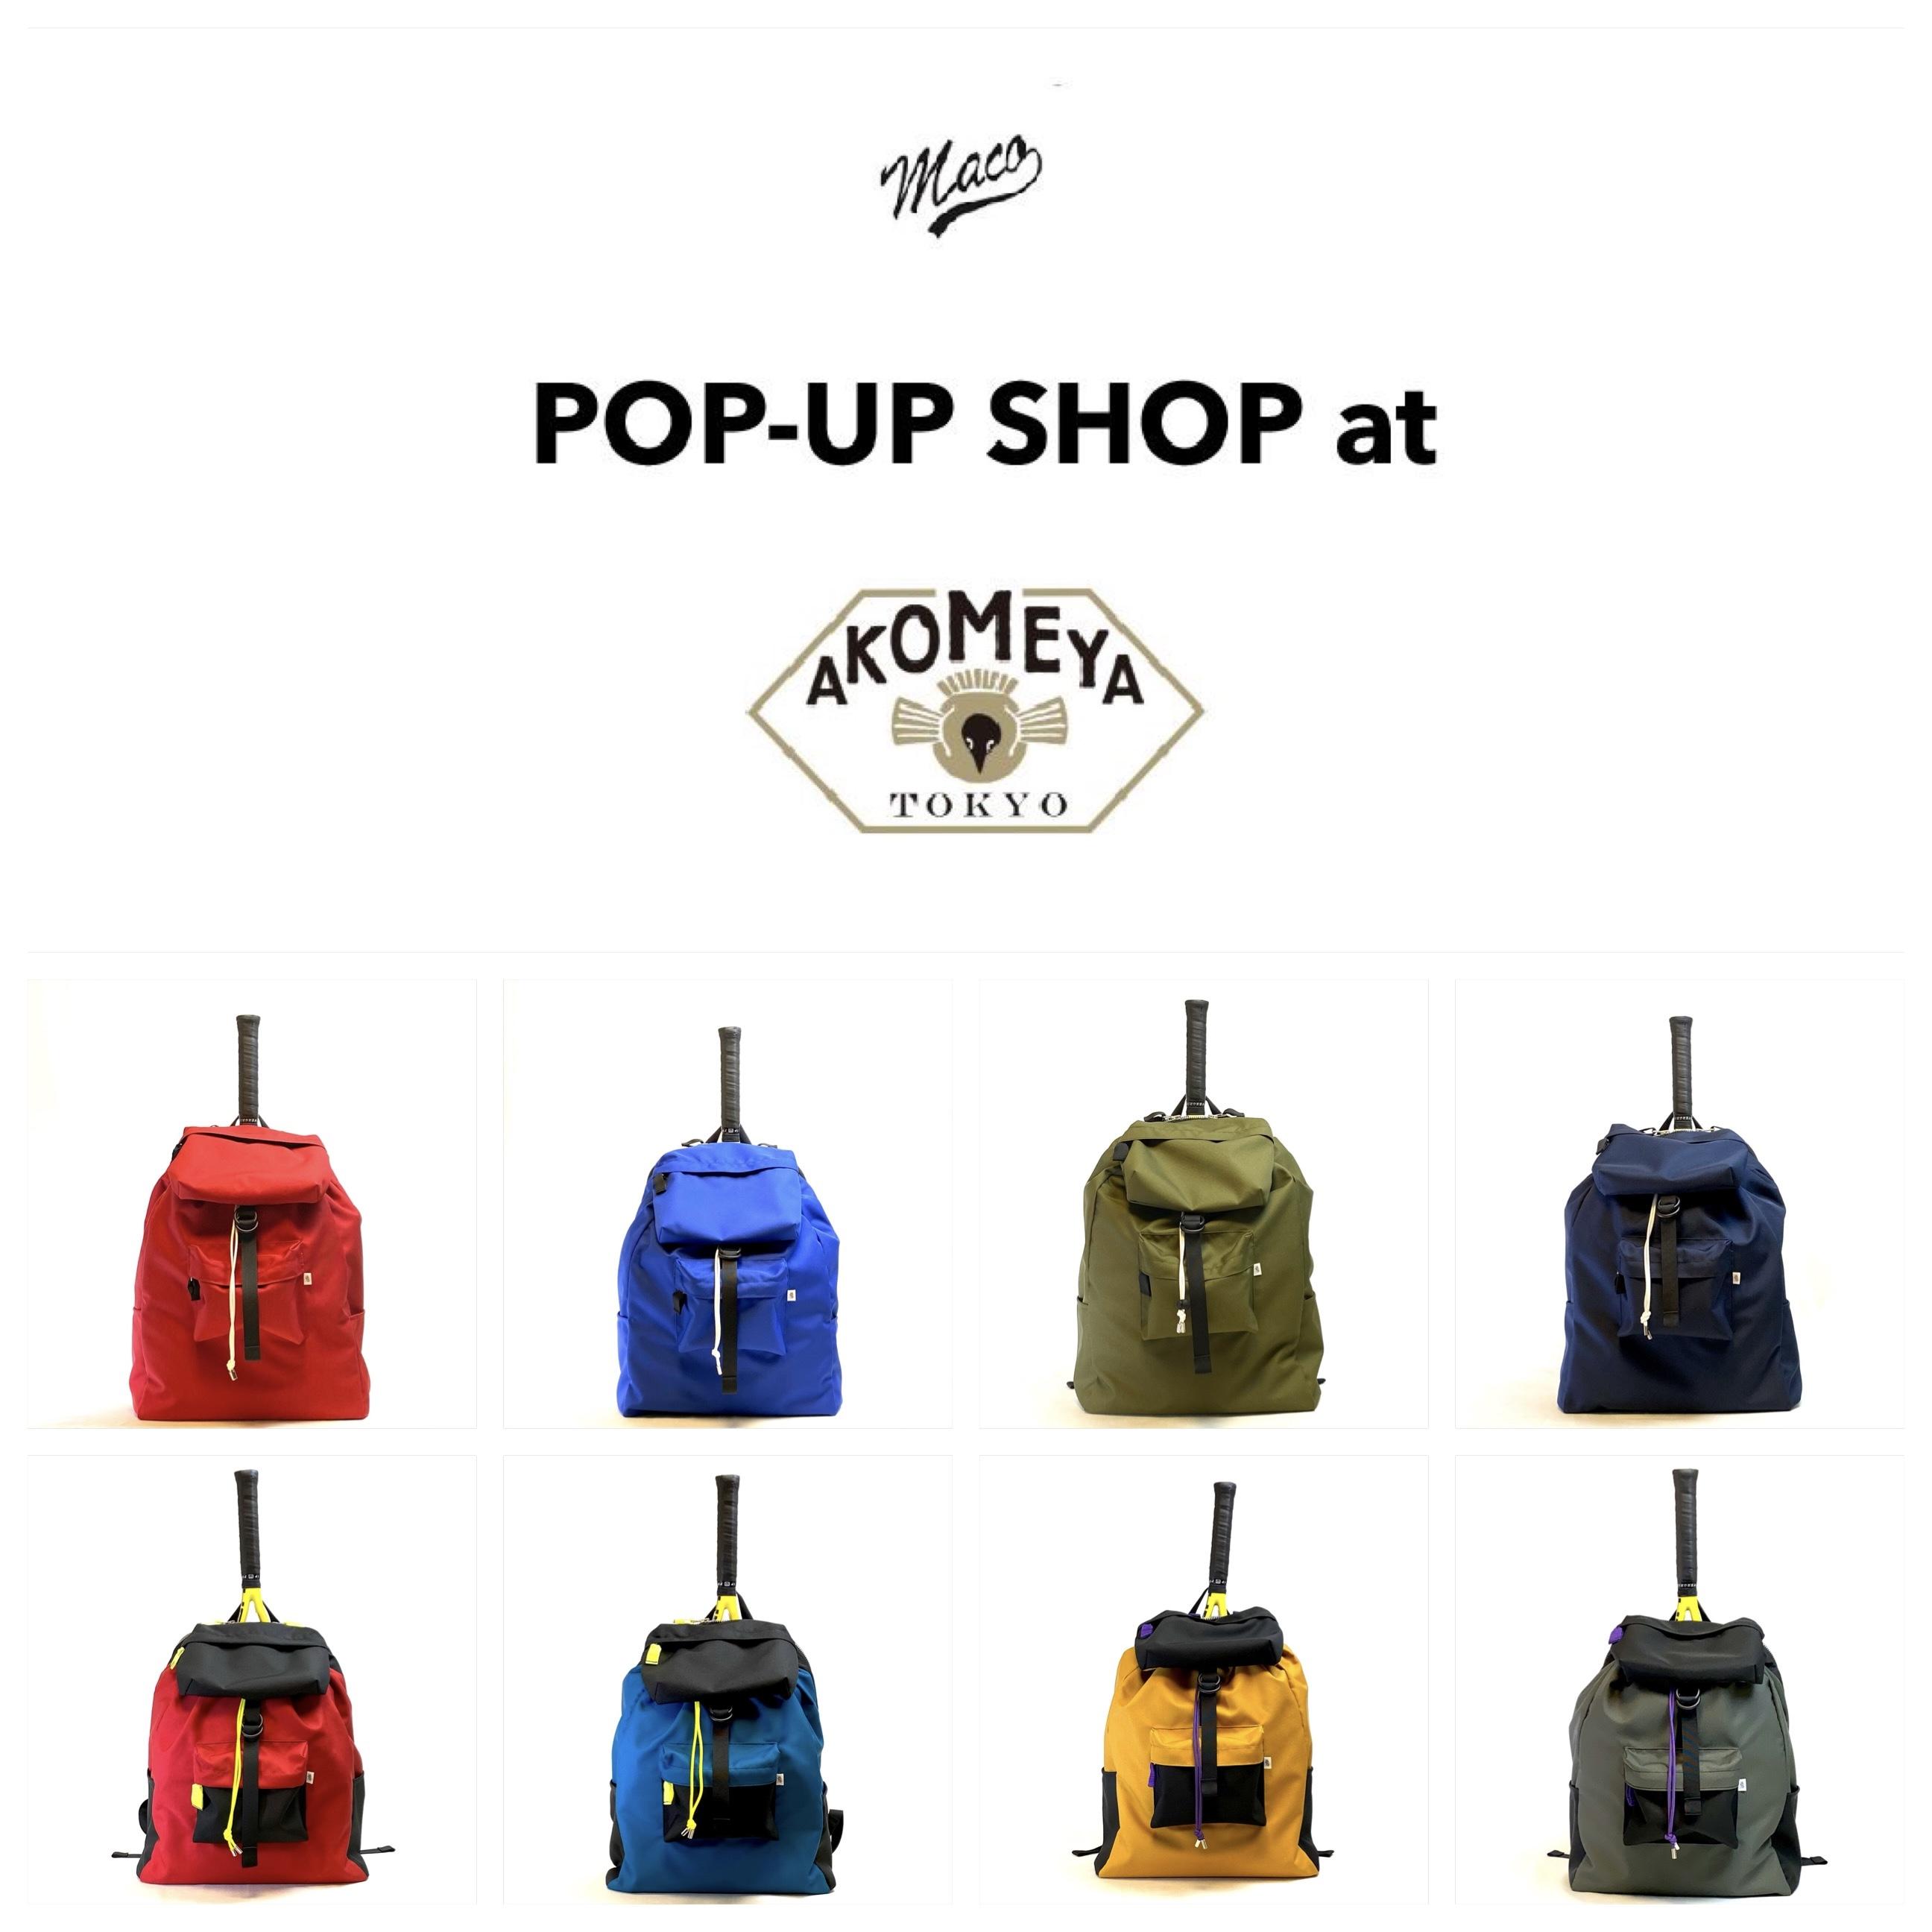 Pop up shop at AKOMEYA TOKYO スタートします!